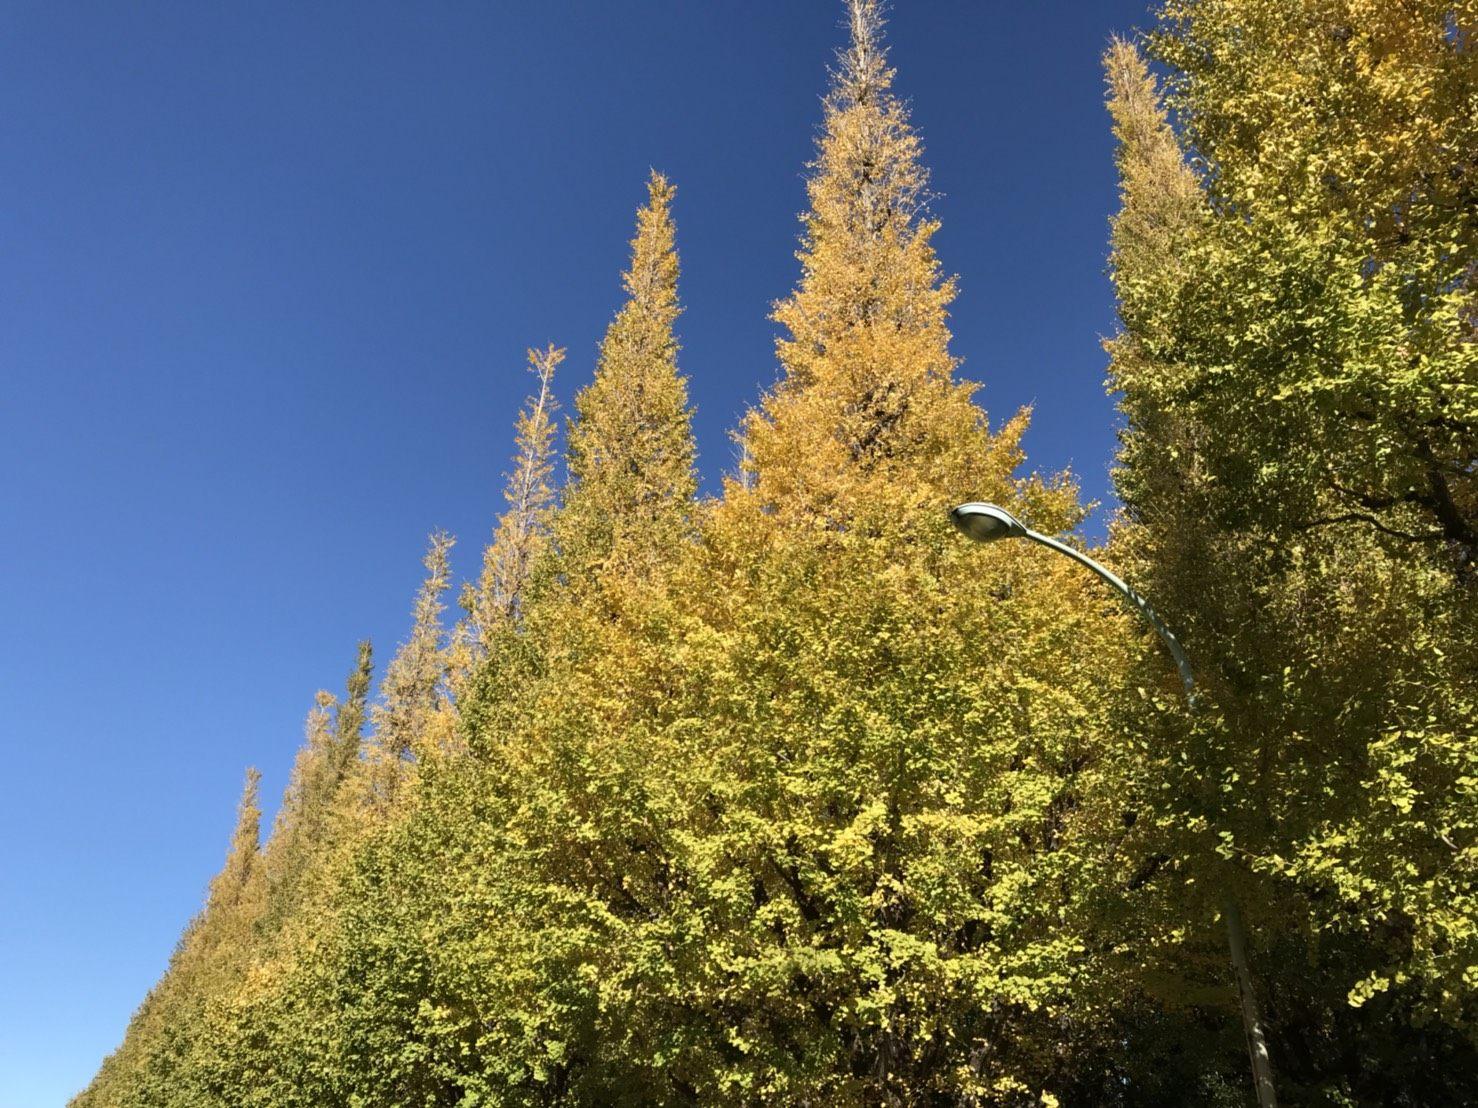 蔚蓝的天空和直冲天际的银杏树